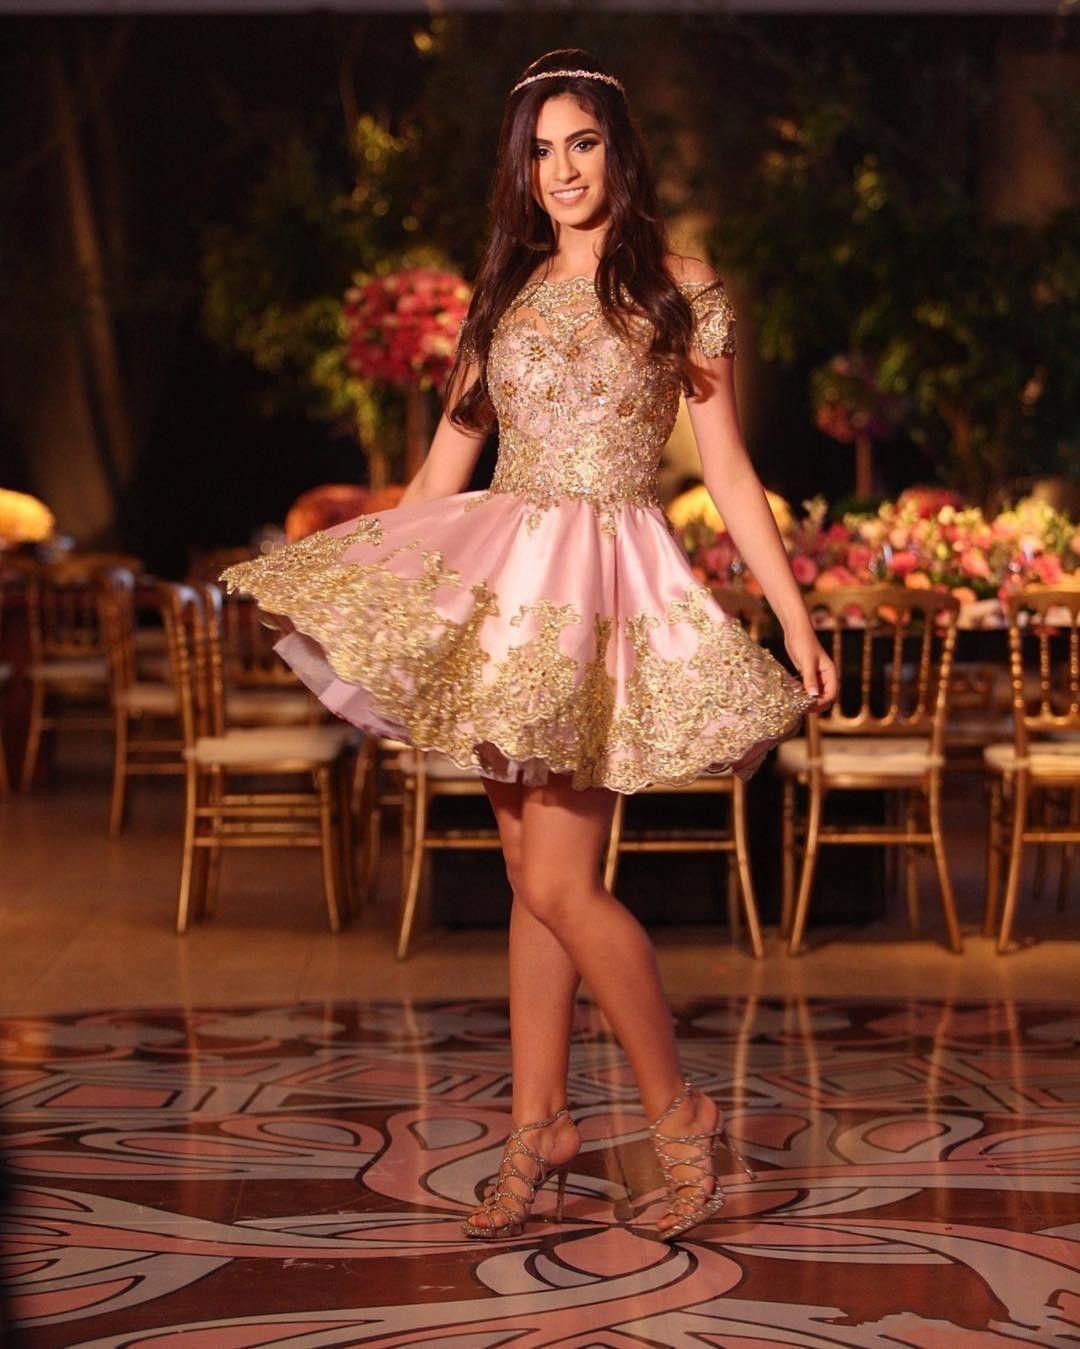 Schulterfrei Kurze Frauen Homecoming Kleider Gold Spitze Appliques Kristall Perlen Rosa Abendkleid Party Kleid Plus Size Formale Cocktailkleider